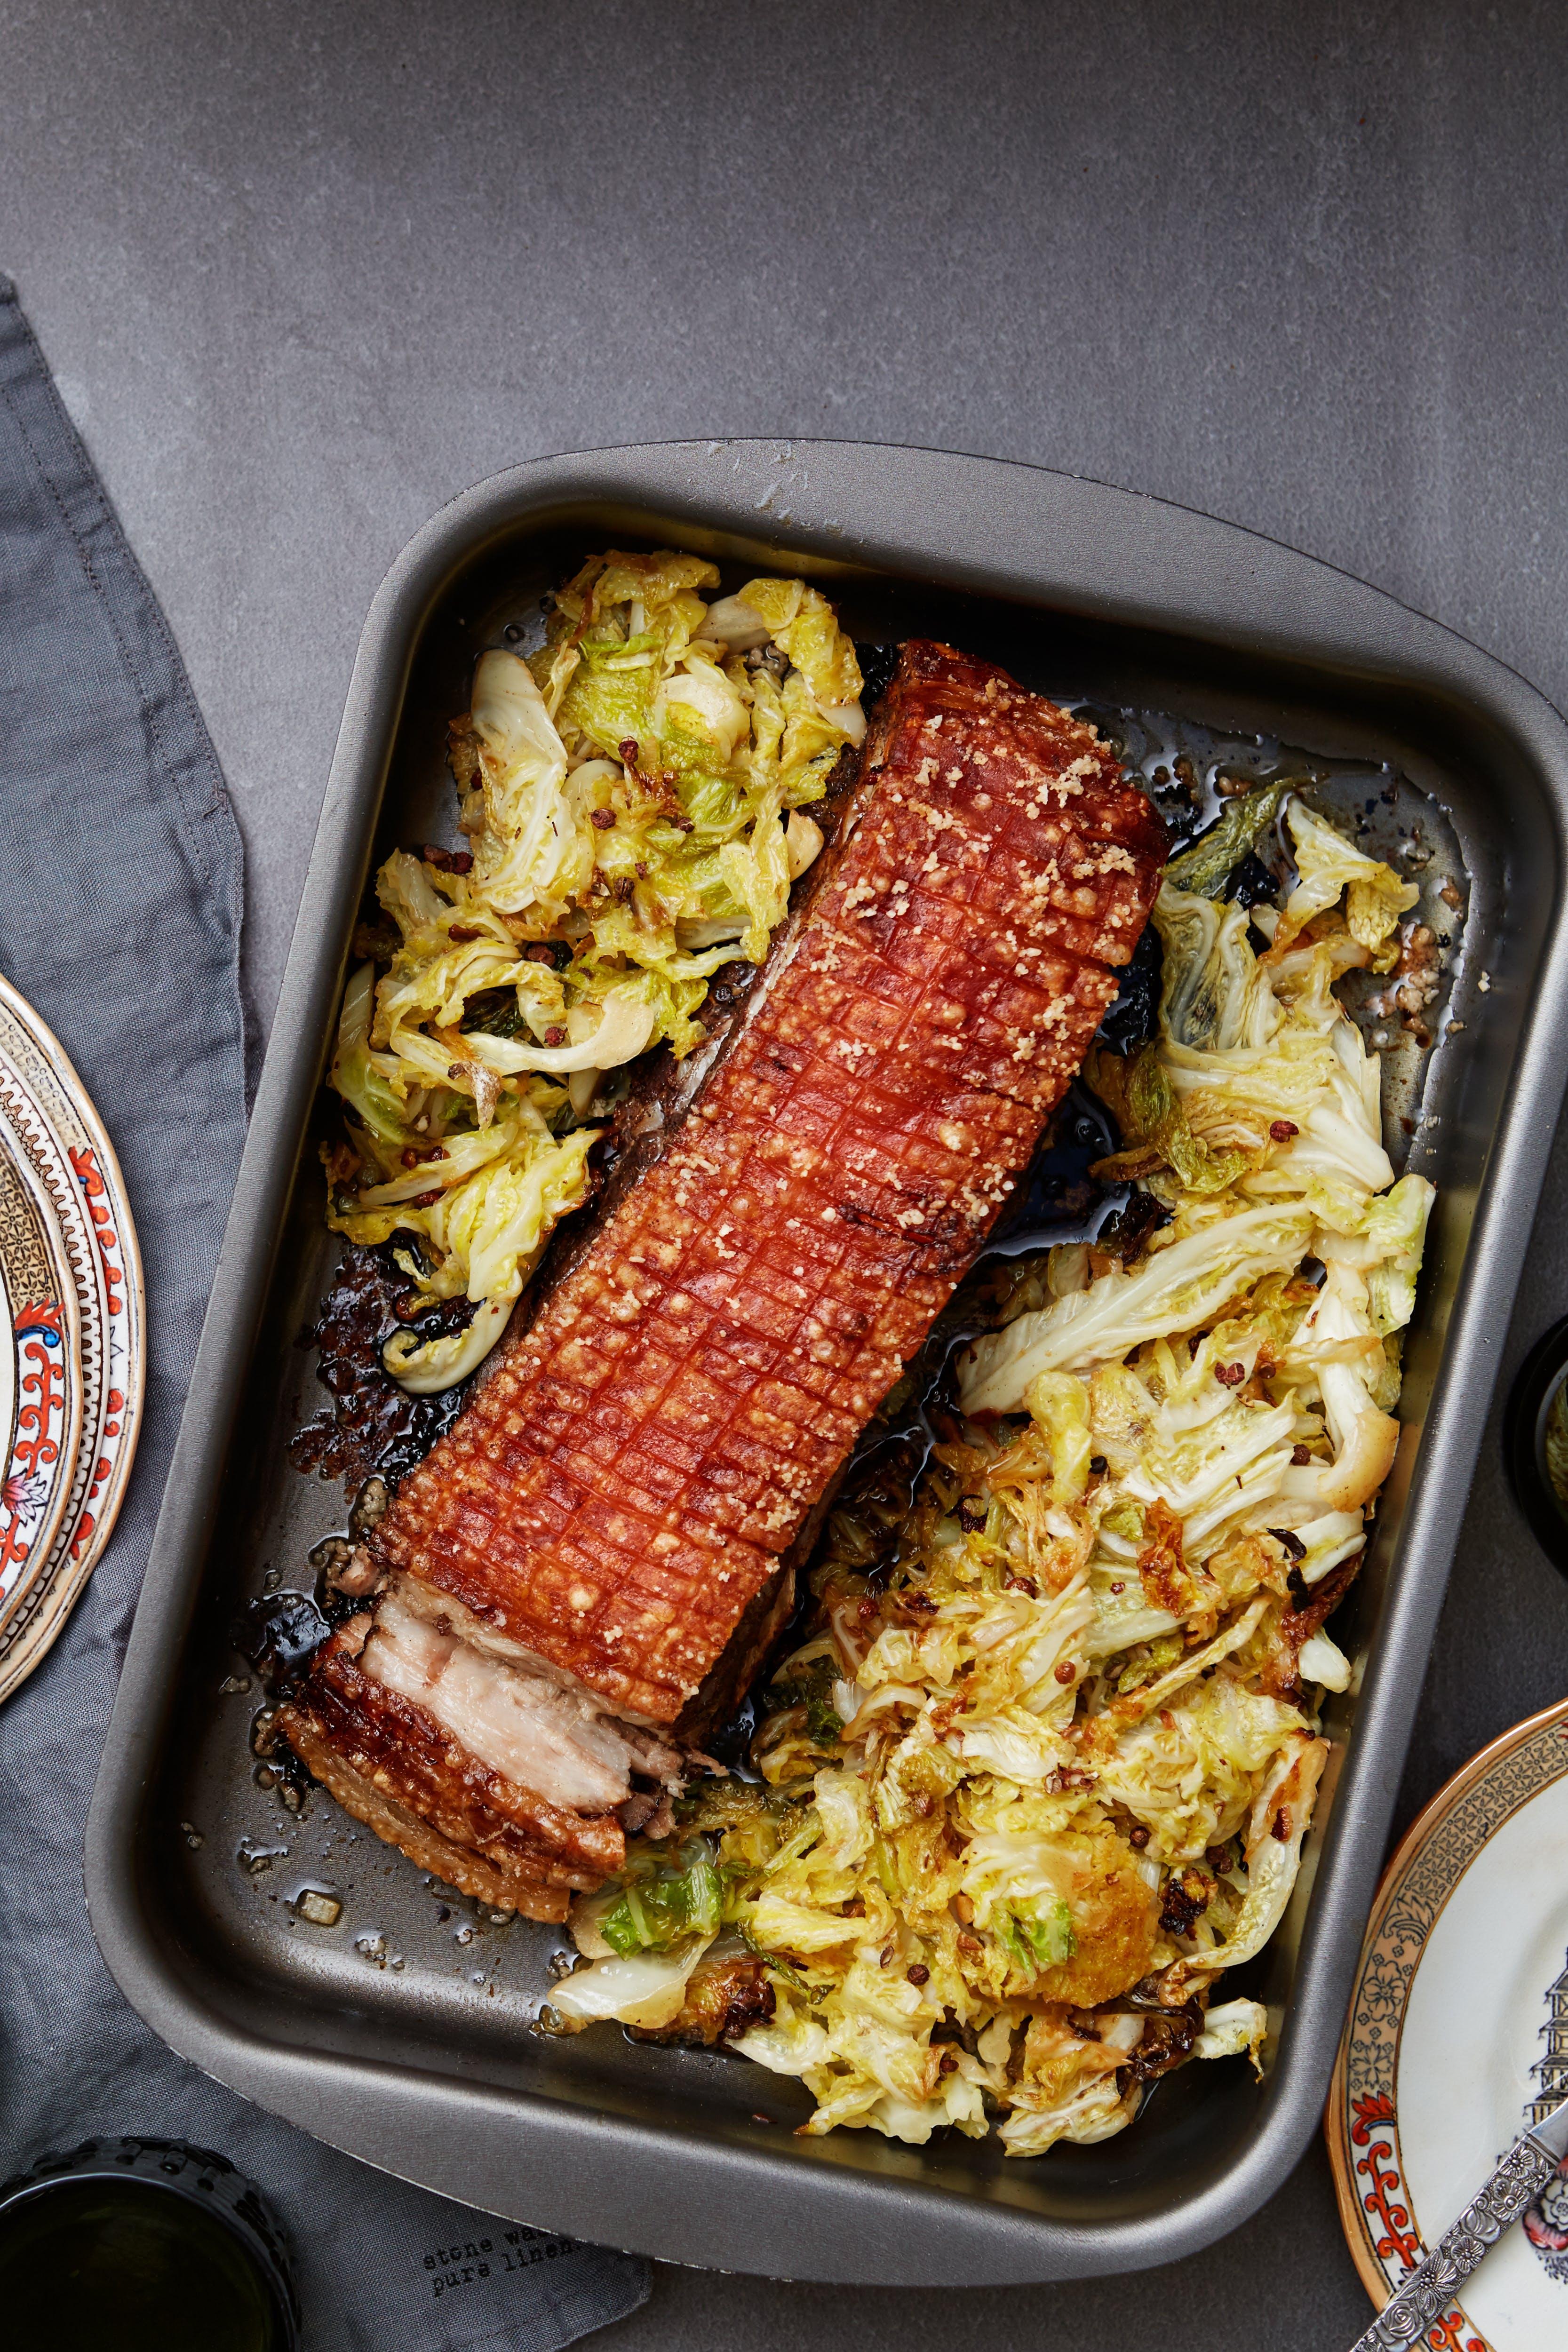 Krispigt kinesiskt sidfläsk med savoykål